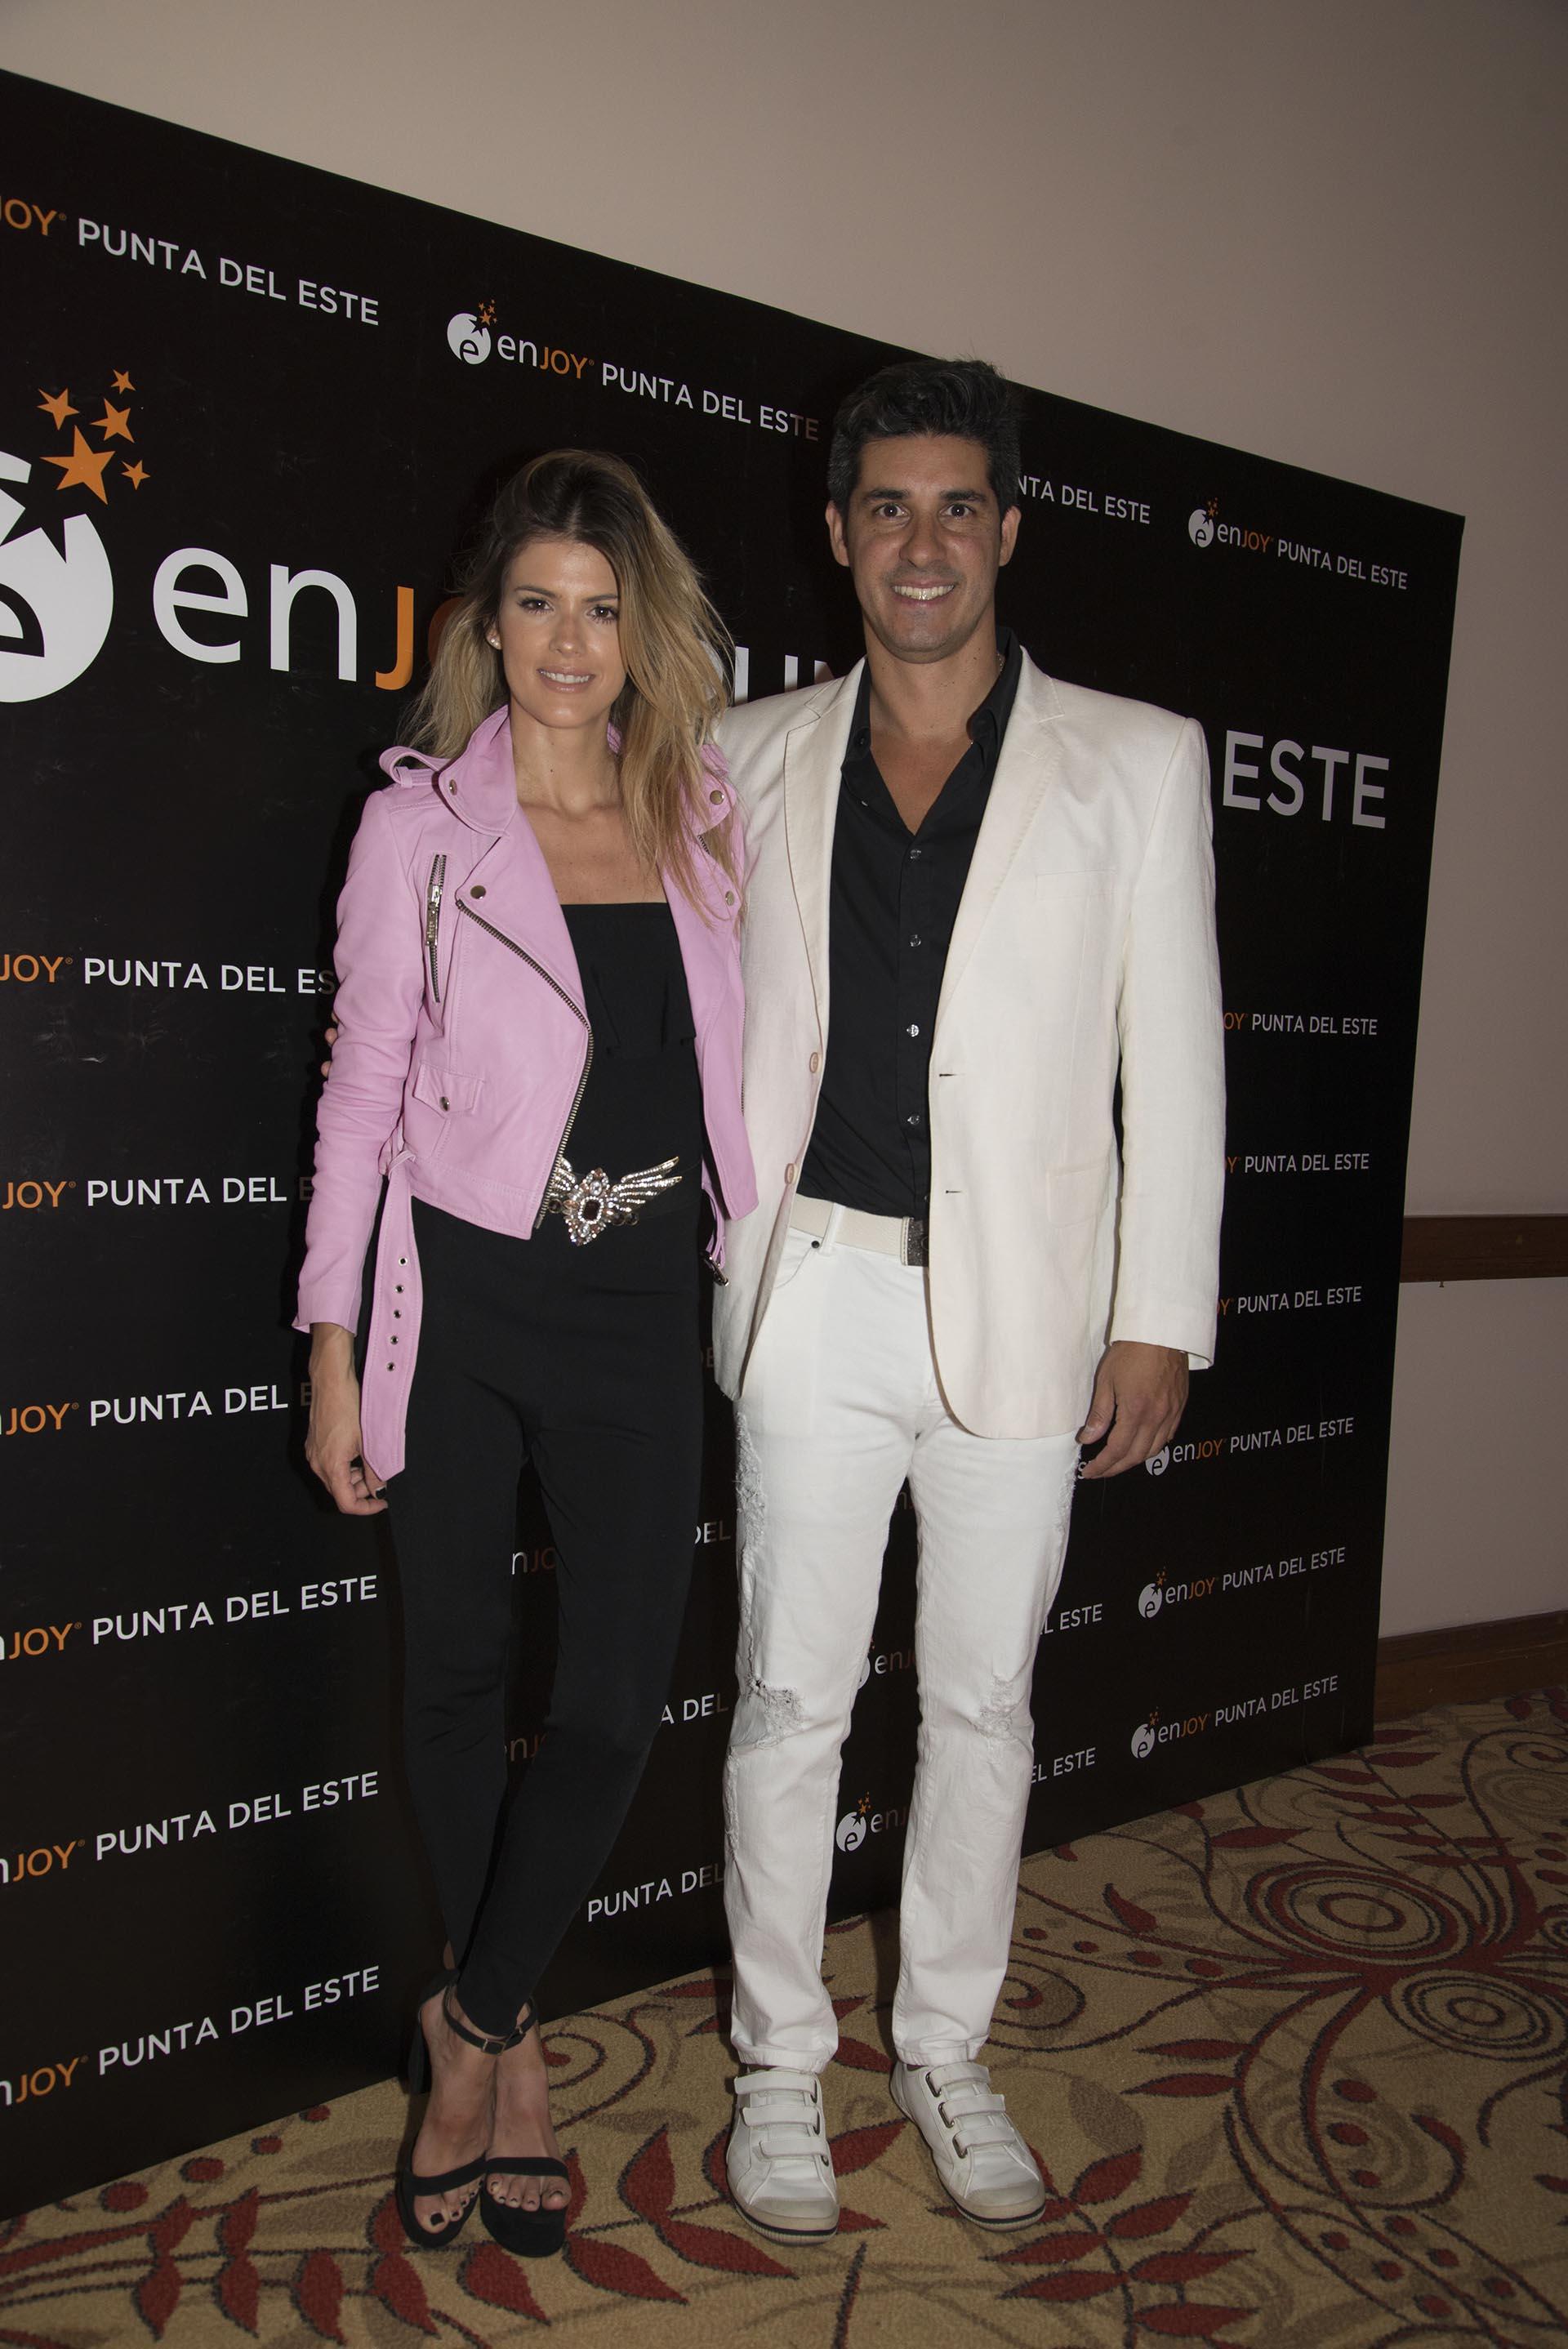 María del Cerro y Javier Azcurra